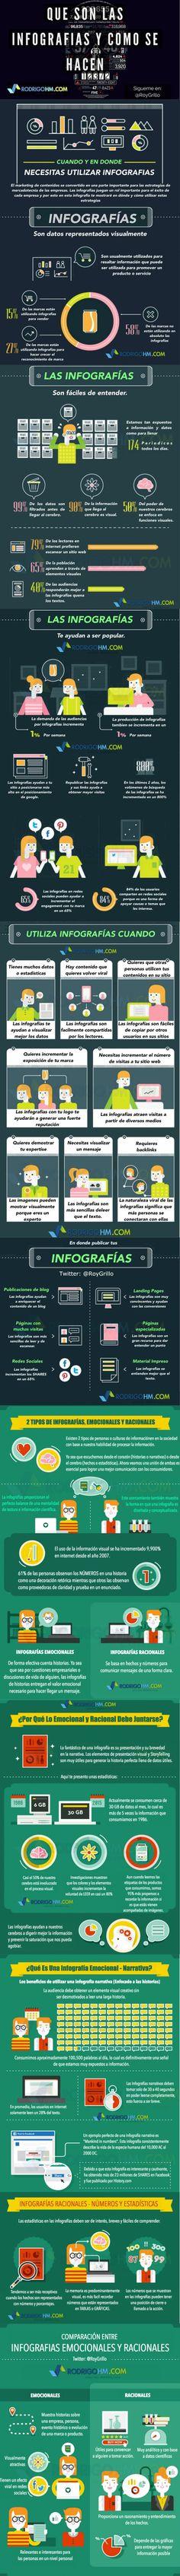 Todo sobre infografías: que son y cómo hacerlas. || #infografias #socialmedia #marketing